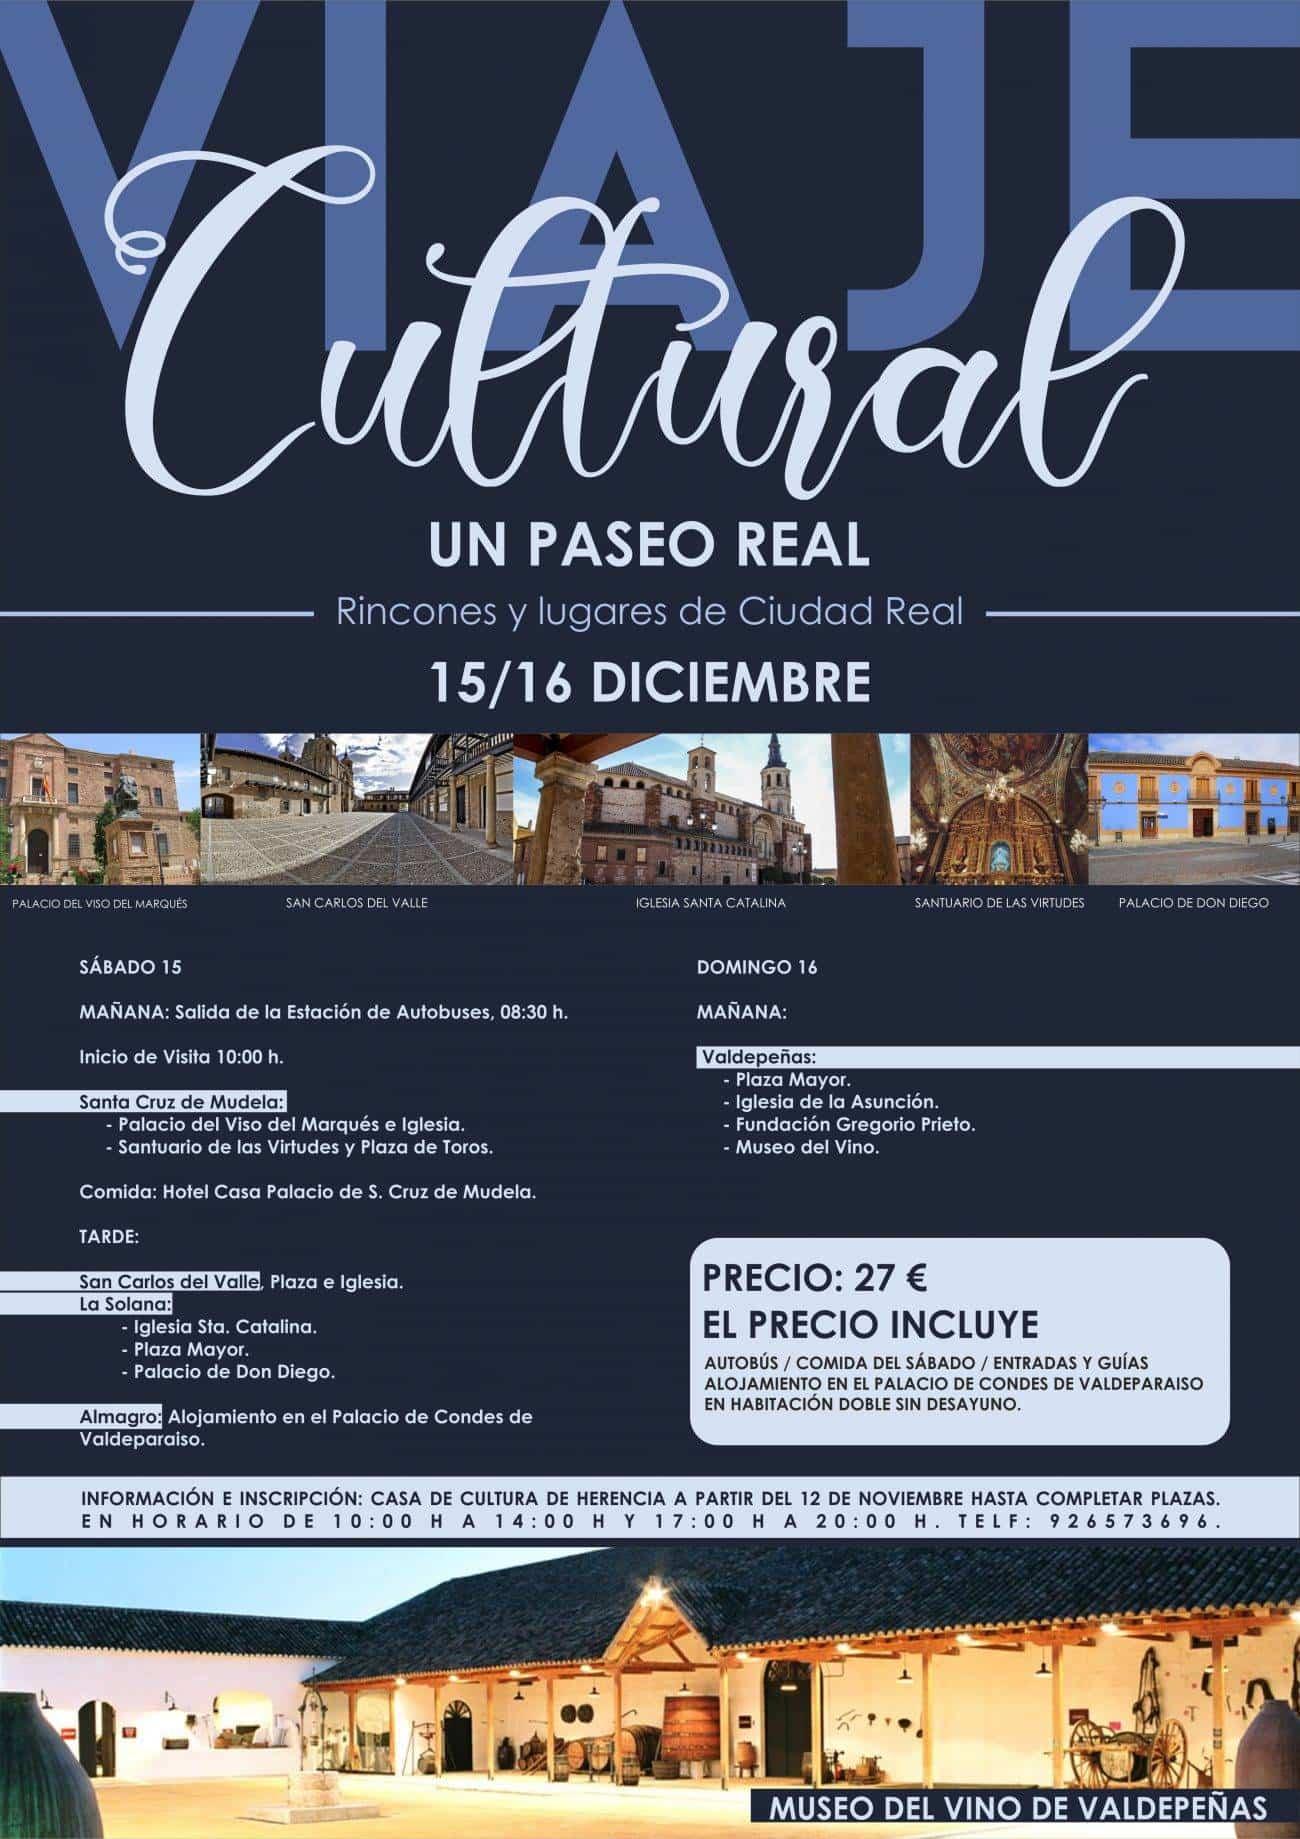 VIAJE CULTURAL 15 Y 16 DICIEMBRE 1300x1839 - Viaje cultural por rincones y lugares de la provincia de Ciudad Real